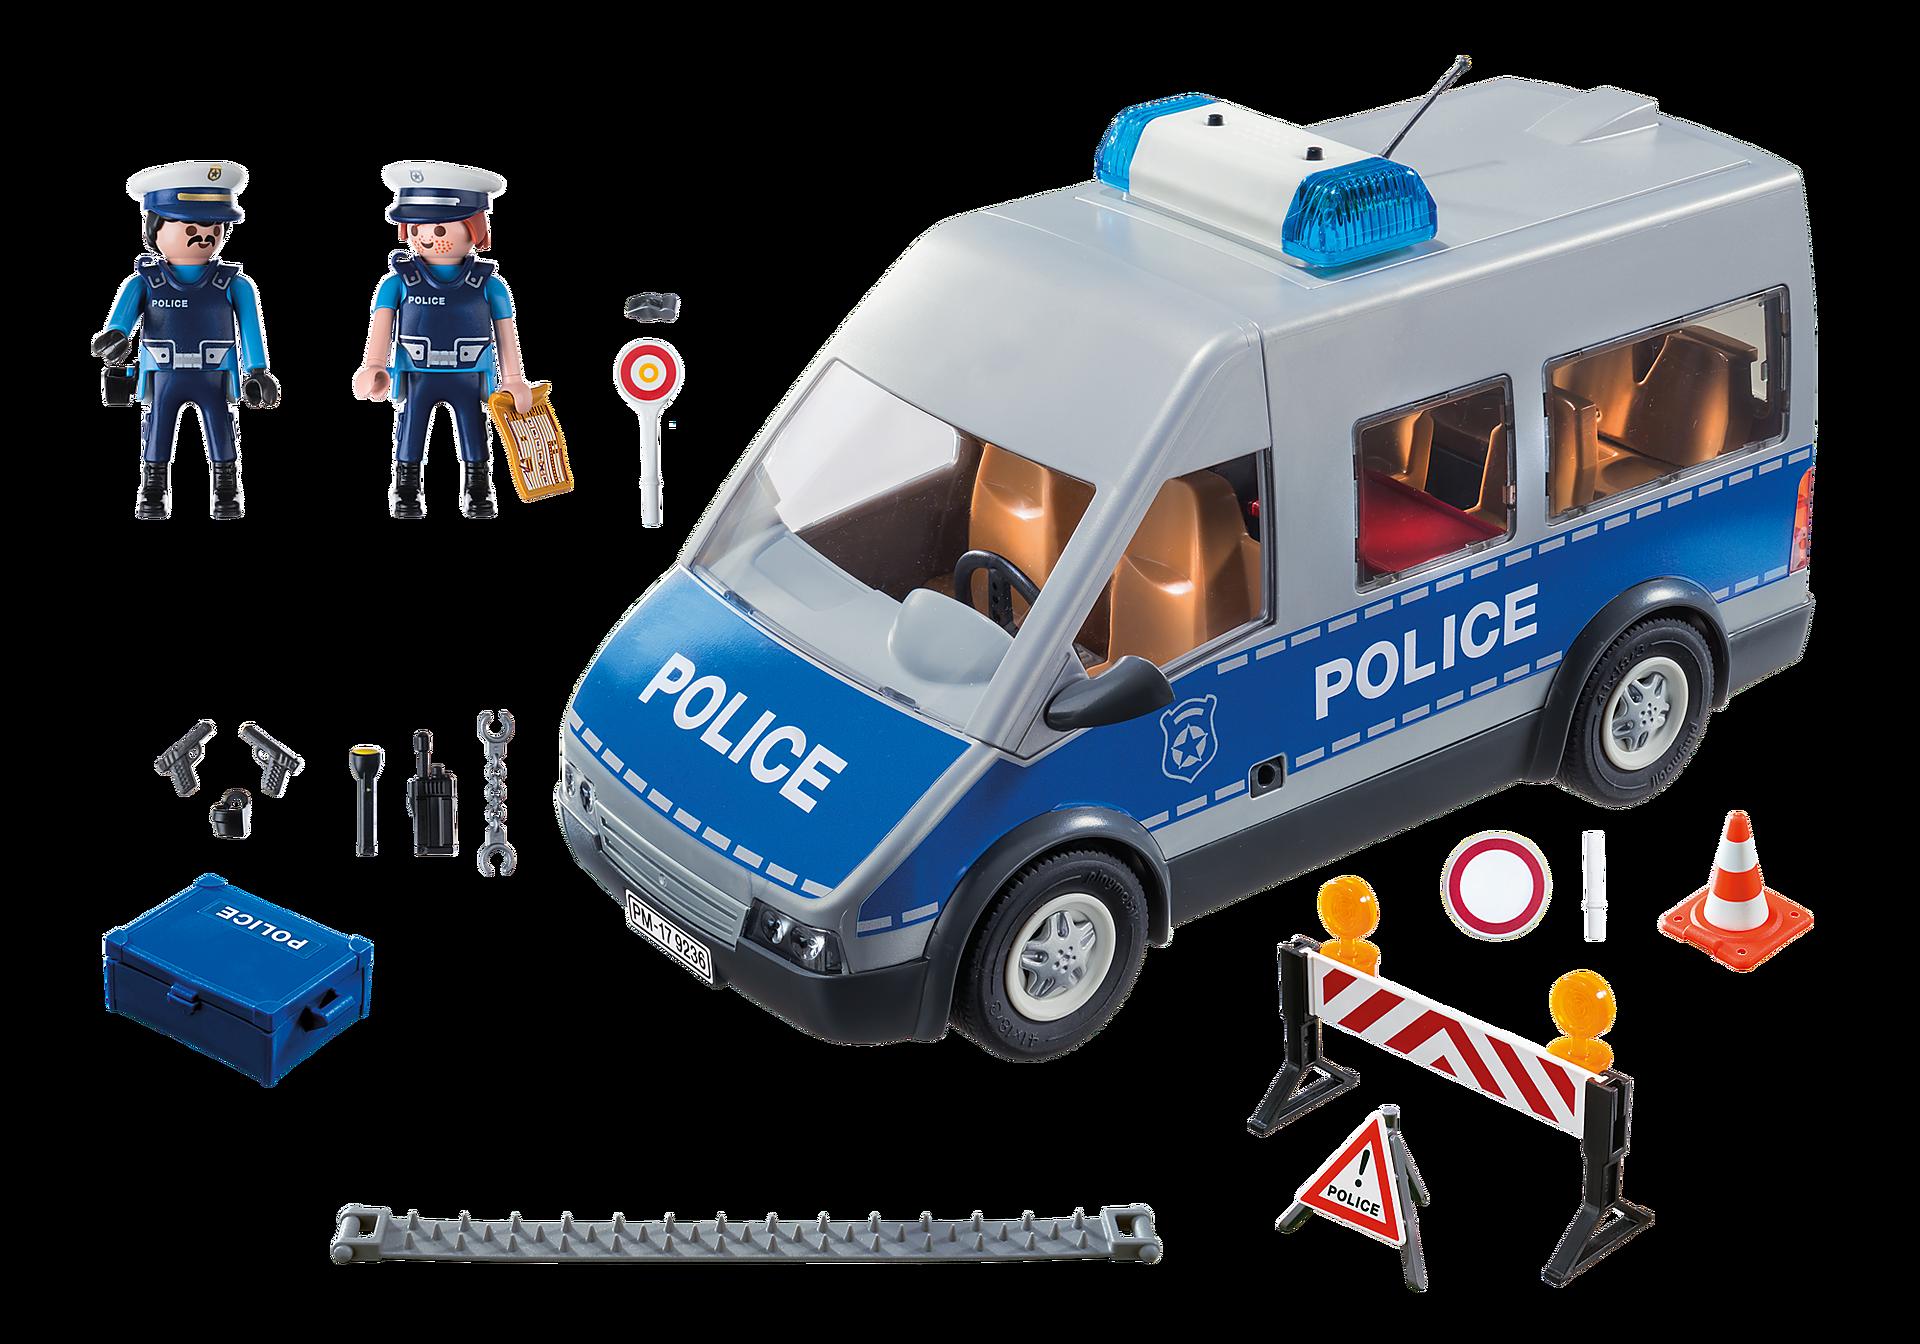 http://media.playmobil.com/i/playmobil/9236_product_box_back/Politie interventiewagen met wegversperring